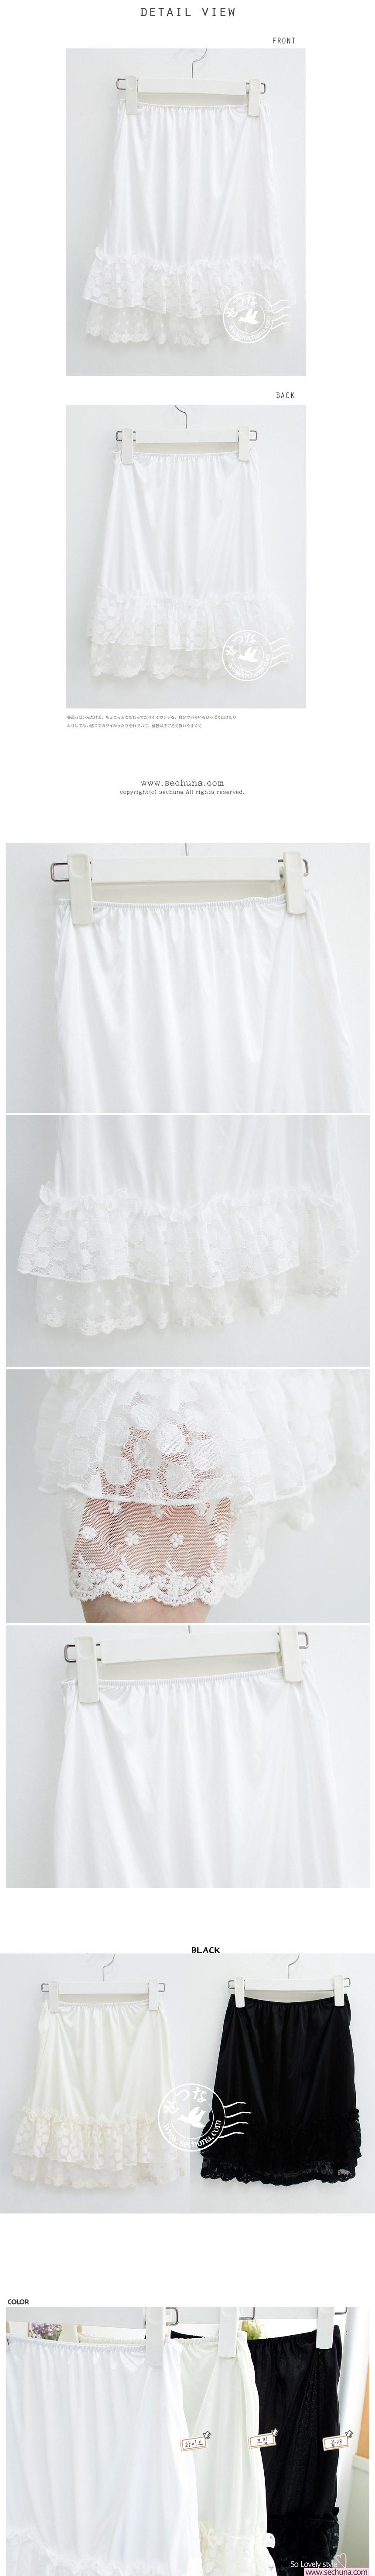 Underskirt. $21.51 @ http://www.yesstyle.com/en/sechuna-band-waist-layered-hem-skirt/info.html/pid.1045031464   Band-Waist Layered-Hem Skirt - Sechuna | YESSTYLE